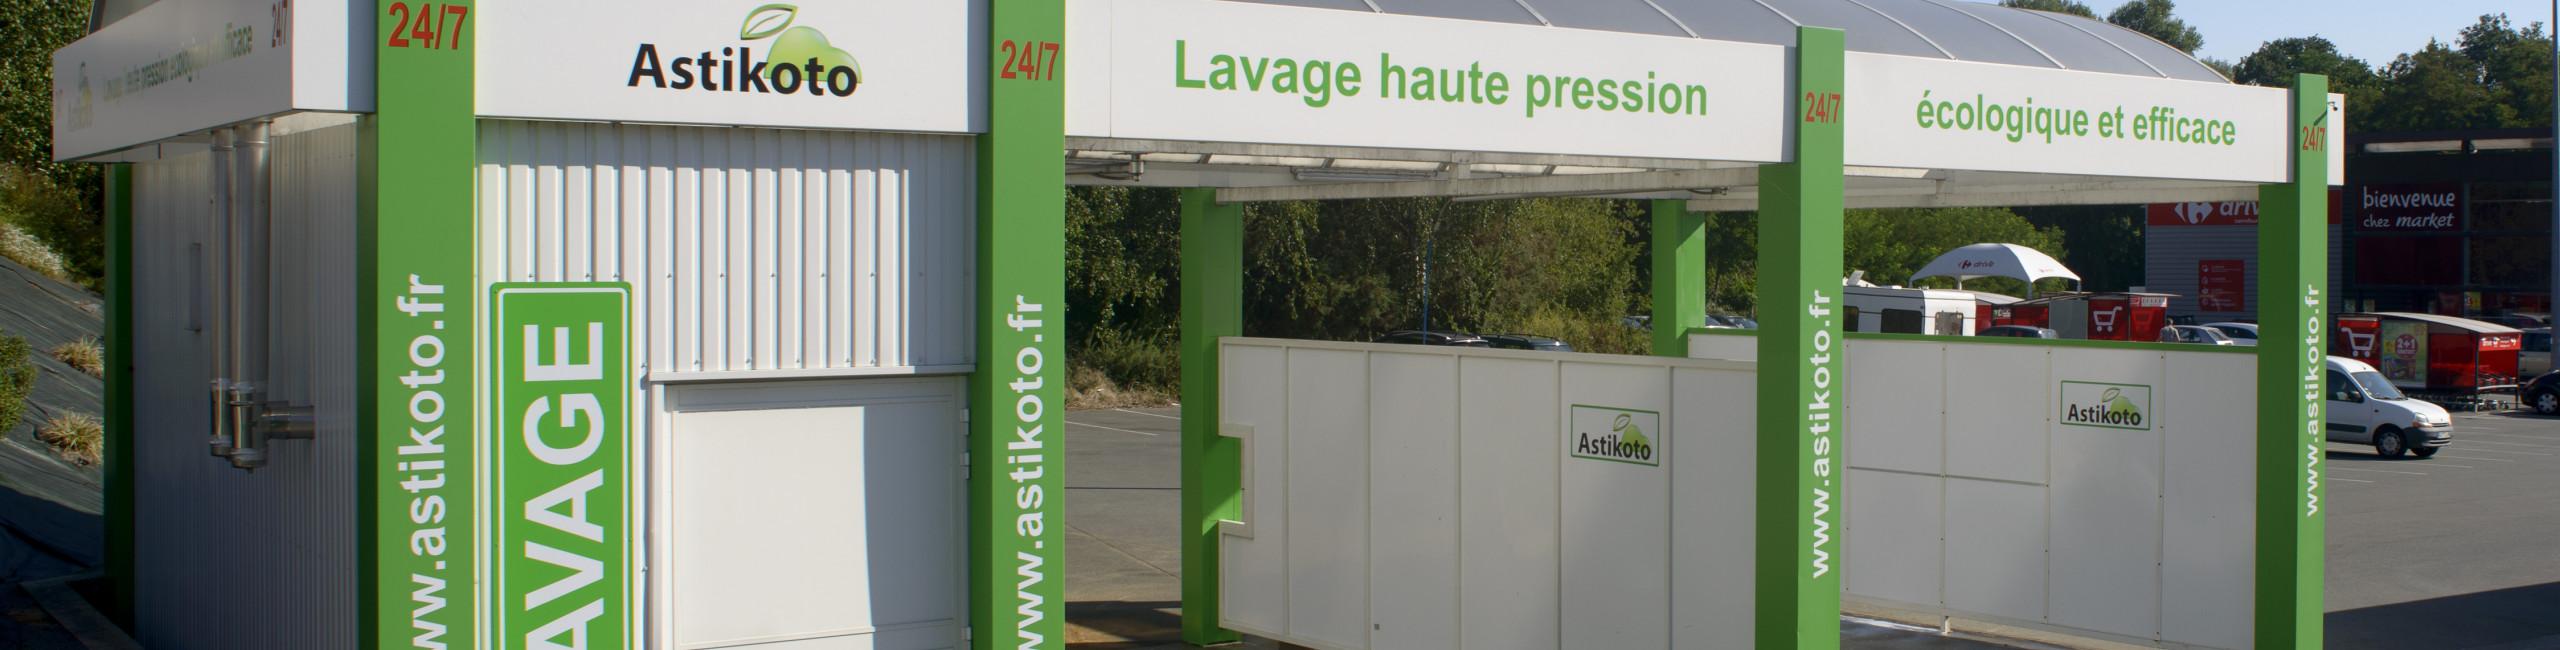 Station de lavage à St-Pierre-Montlimart